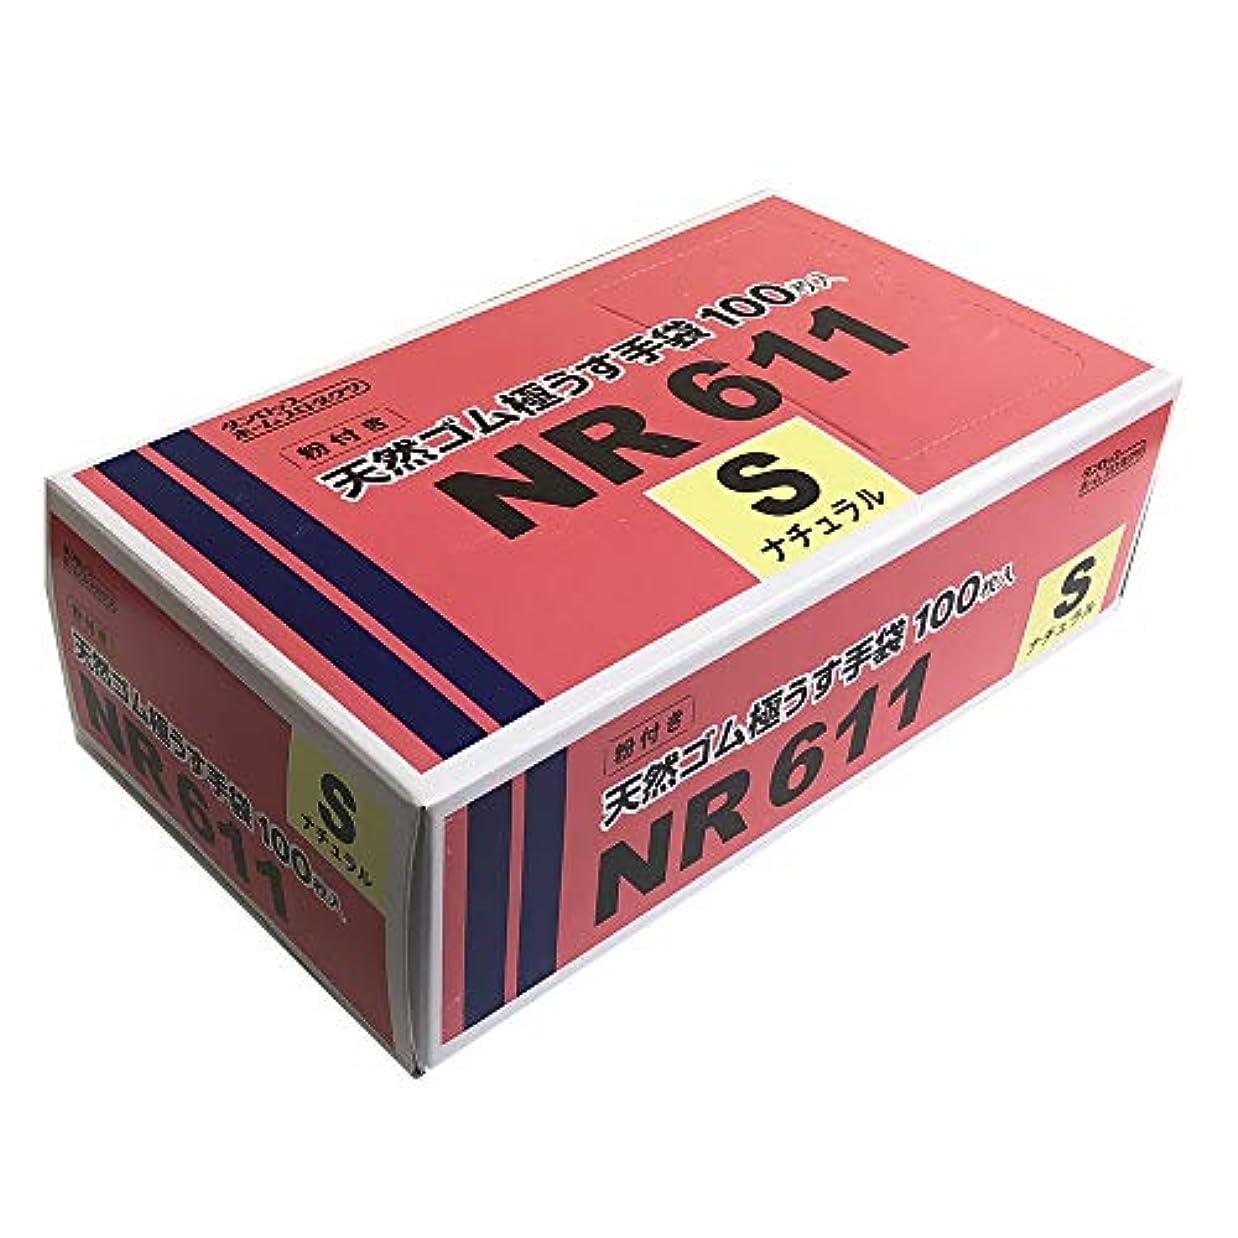 冷える帰る充電DP NR611 粉付天然ゴム極薄手袋S-N